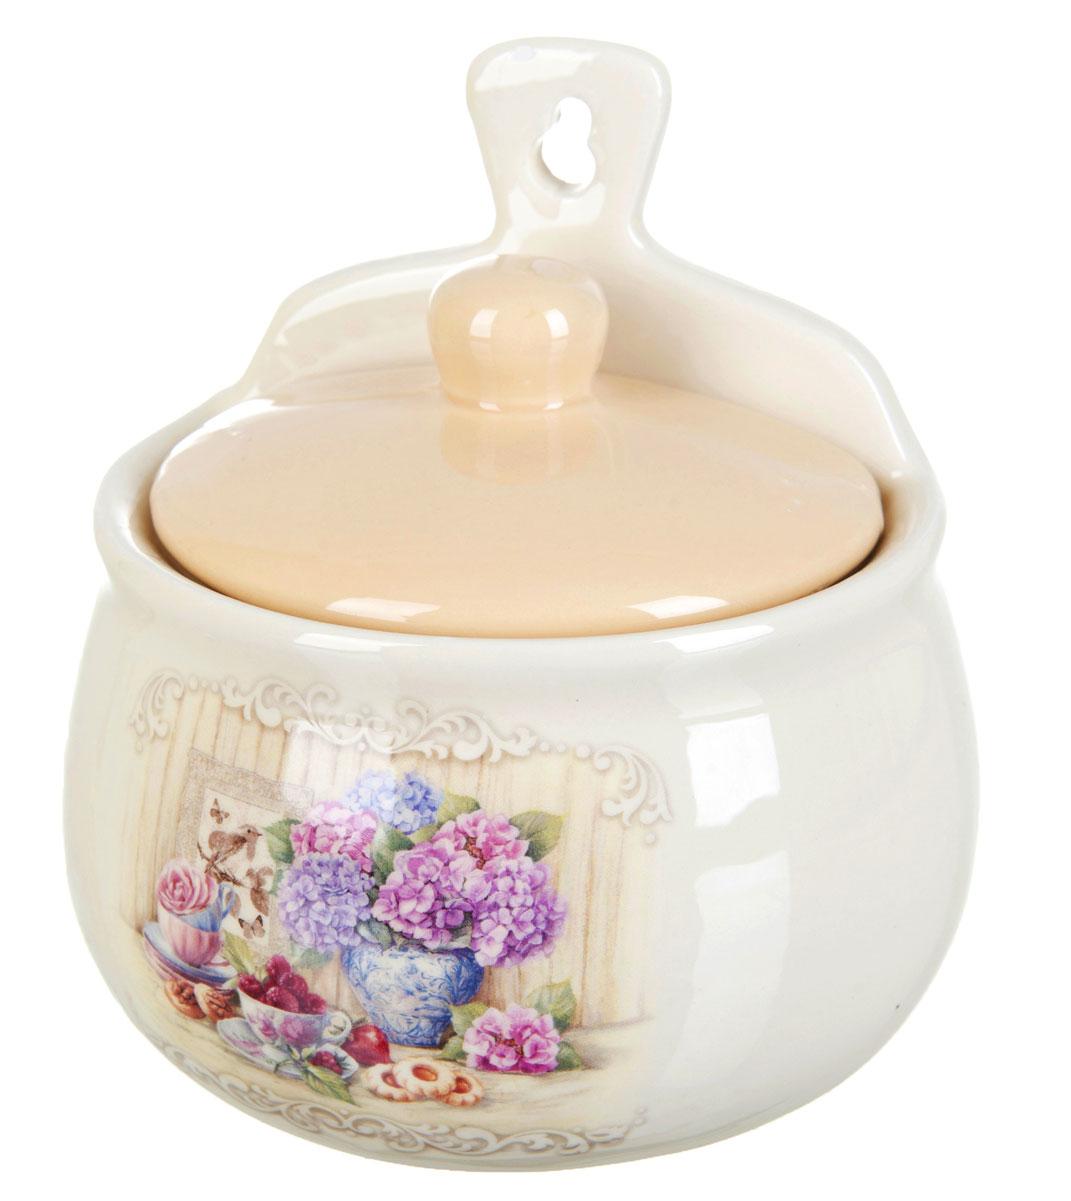 Солонка Polystar Sweet Home, 500 мл4630003364517Оригинальная солонка Sweet Home изготовлена из высококачественной керамики. Изделие имеет отверстие для подвешивания. Солонка Polystar Sweet Home украсит любую кухню и подчеркнет прекрасный вкус хозяина.Объем: 500 мл.